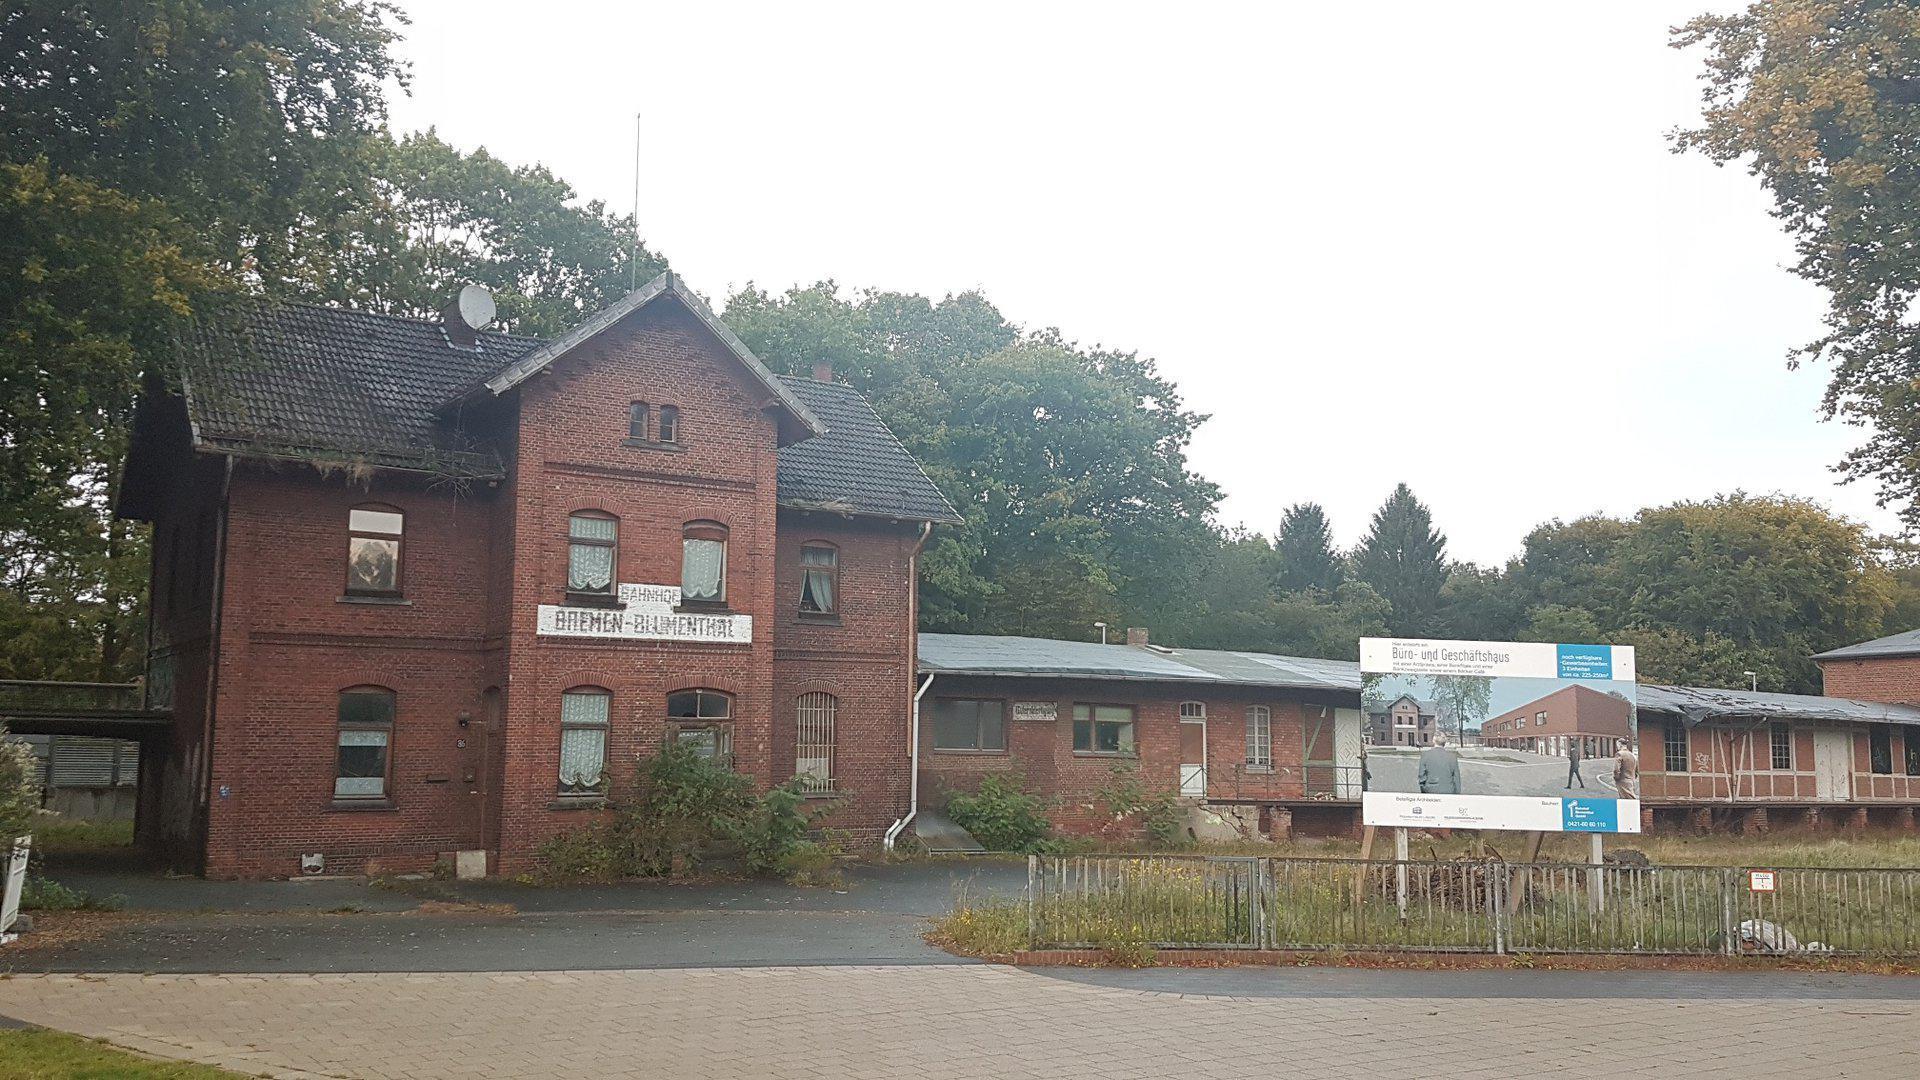 Bremen-Blumenthal (altes Bahnhofsgebäude)